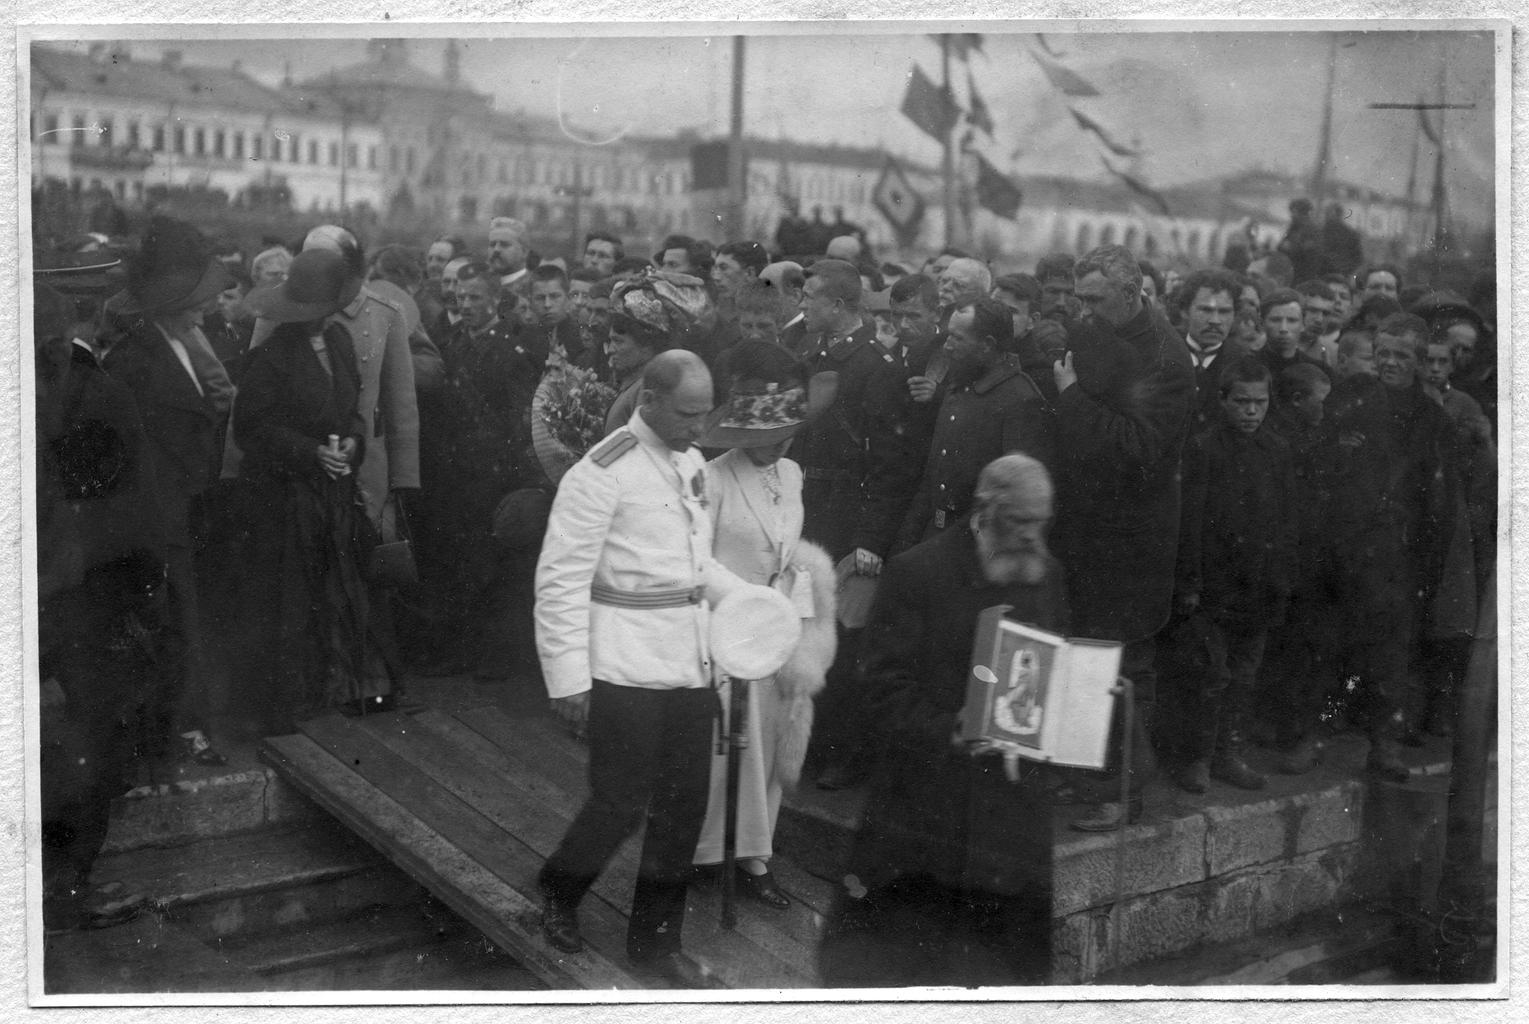 Седов Г. Я. с женой и священником идут по сходням на судно «Святой мученик Фока»